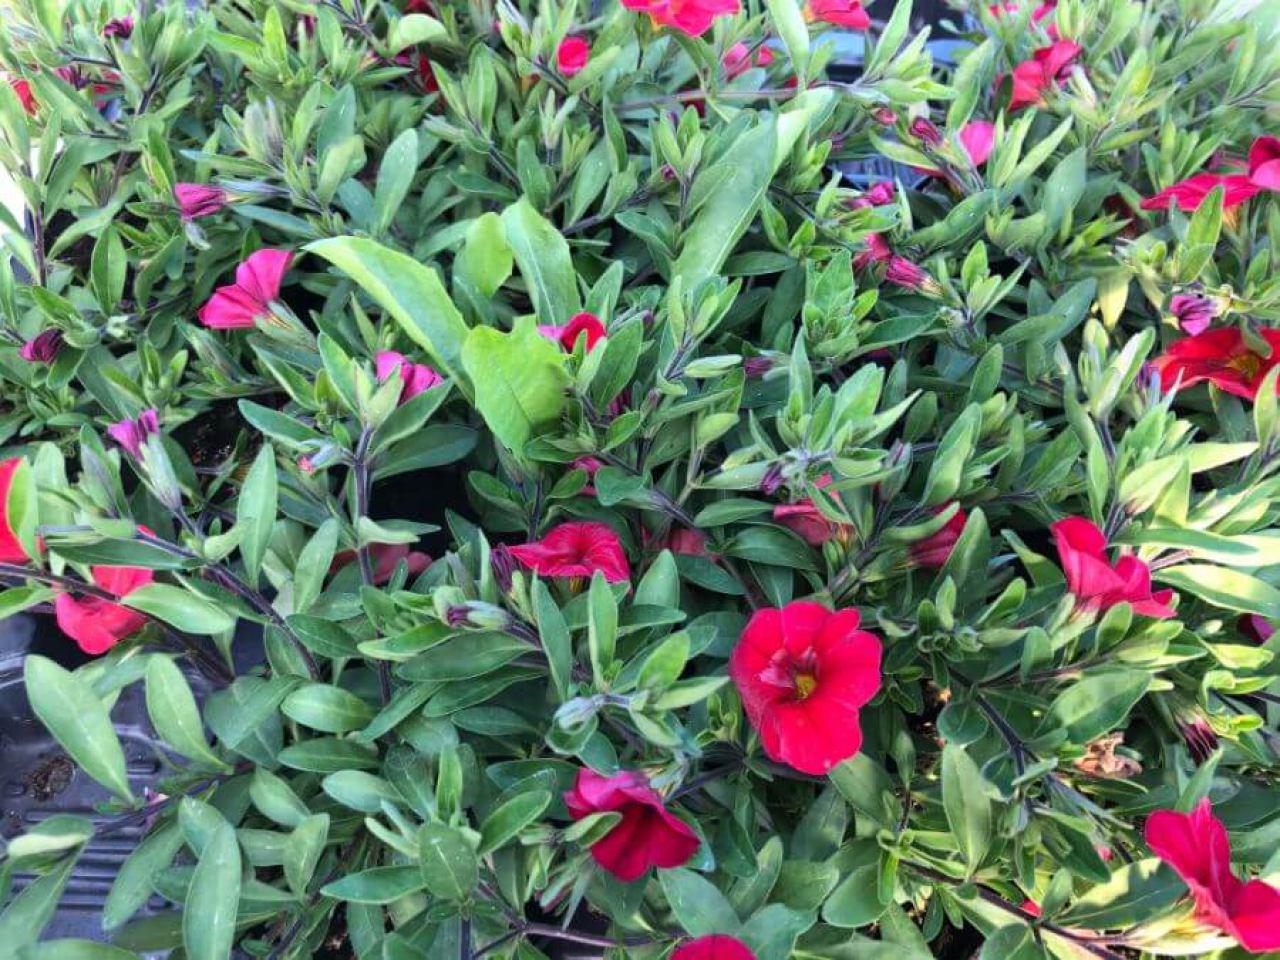 flora-commerce-3338117414.jpg